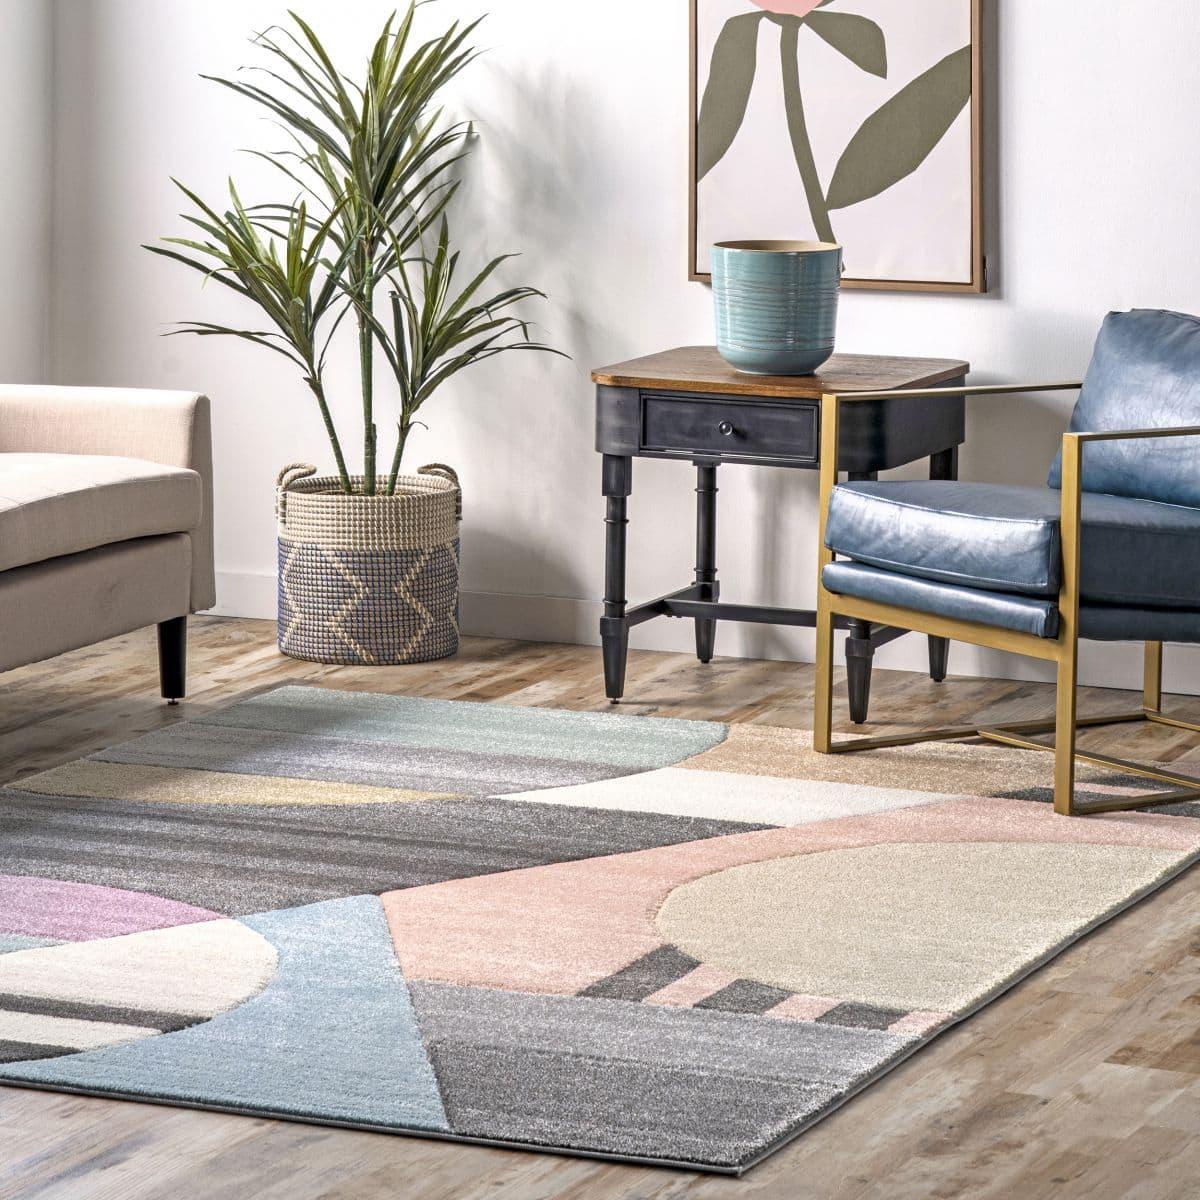 Come arredare con tappeti di qualità dal design contemporaneo